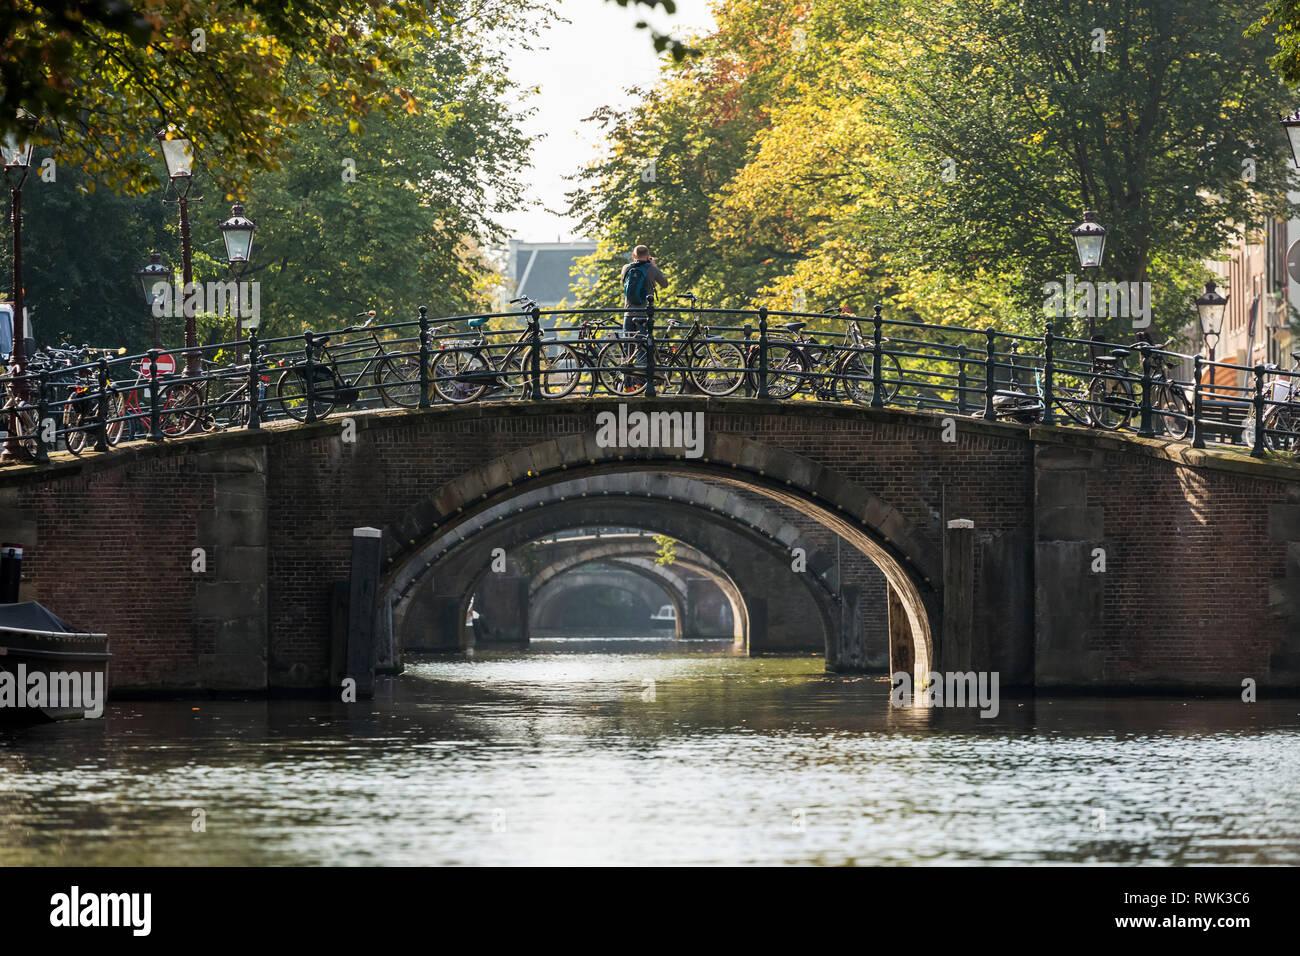 Plusieurs moyens de passage de pont en pierre le long d'un canal avec plusieurs motos sur main courante; Amsterdam, Pays-Bas Banque D'Images